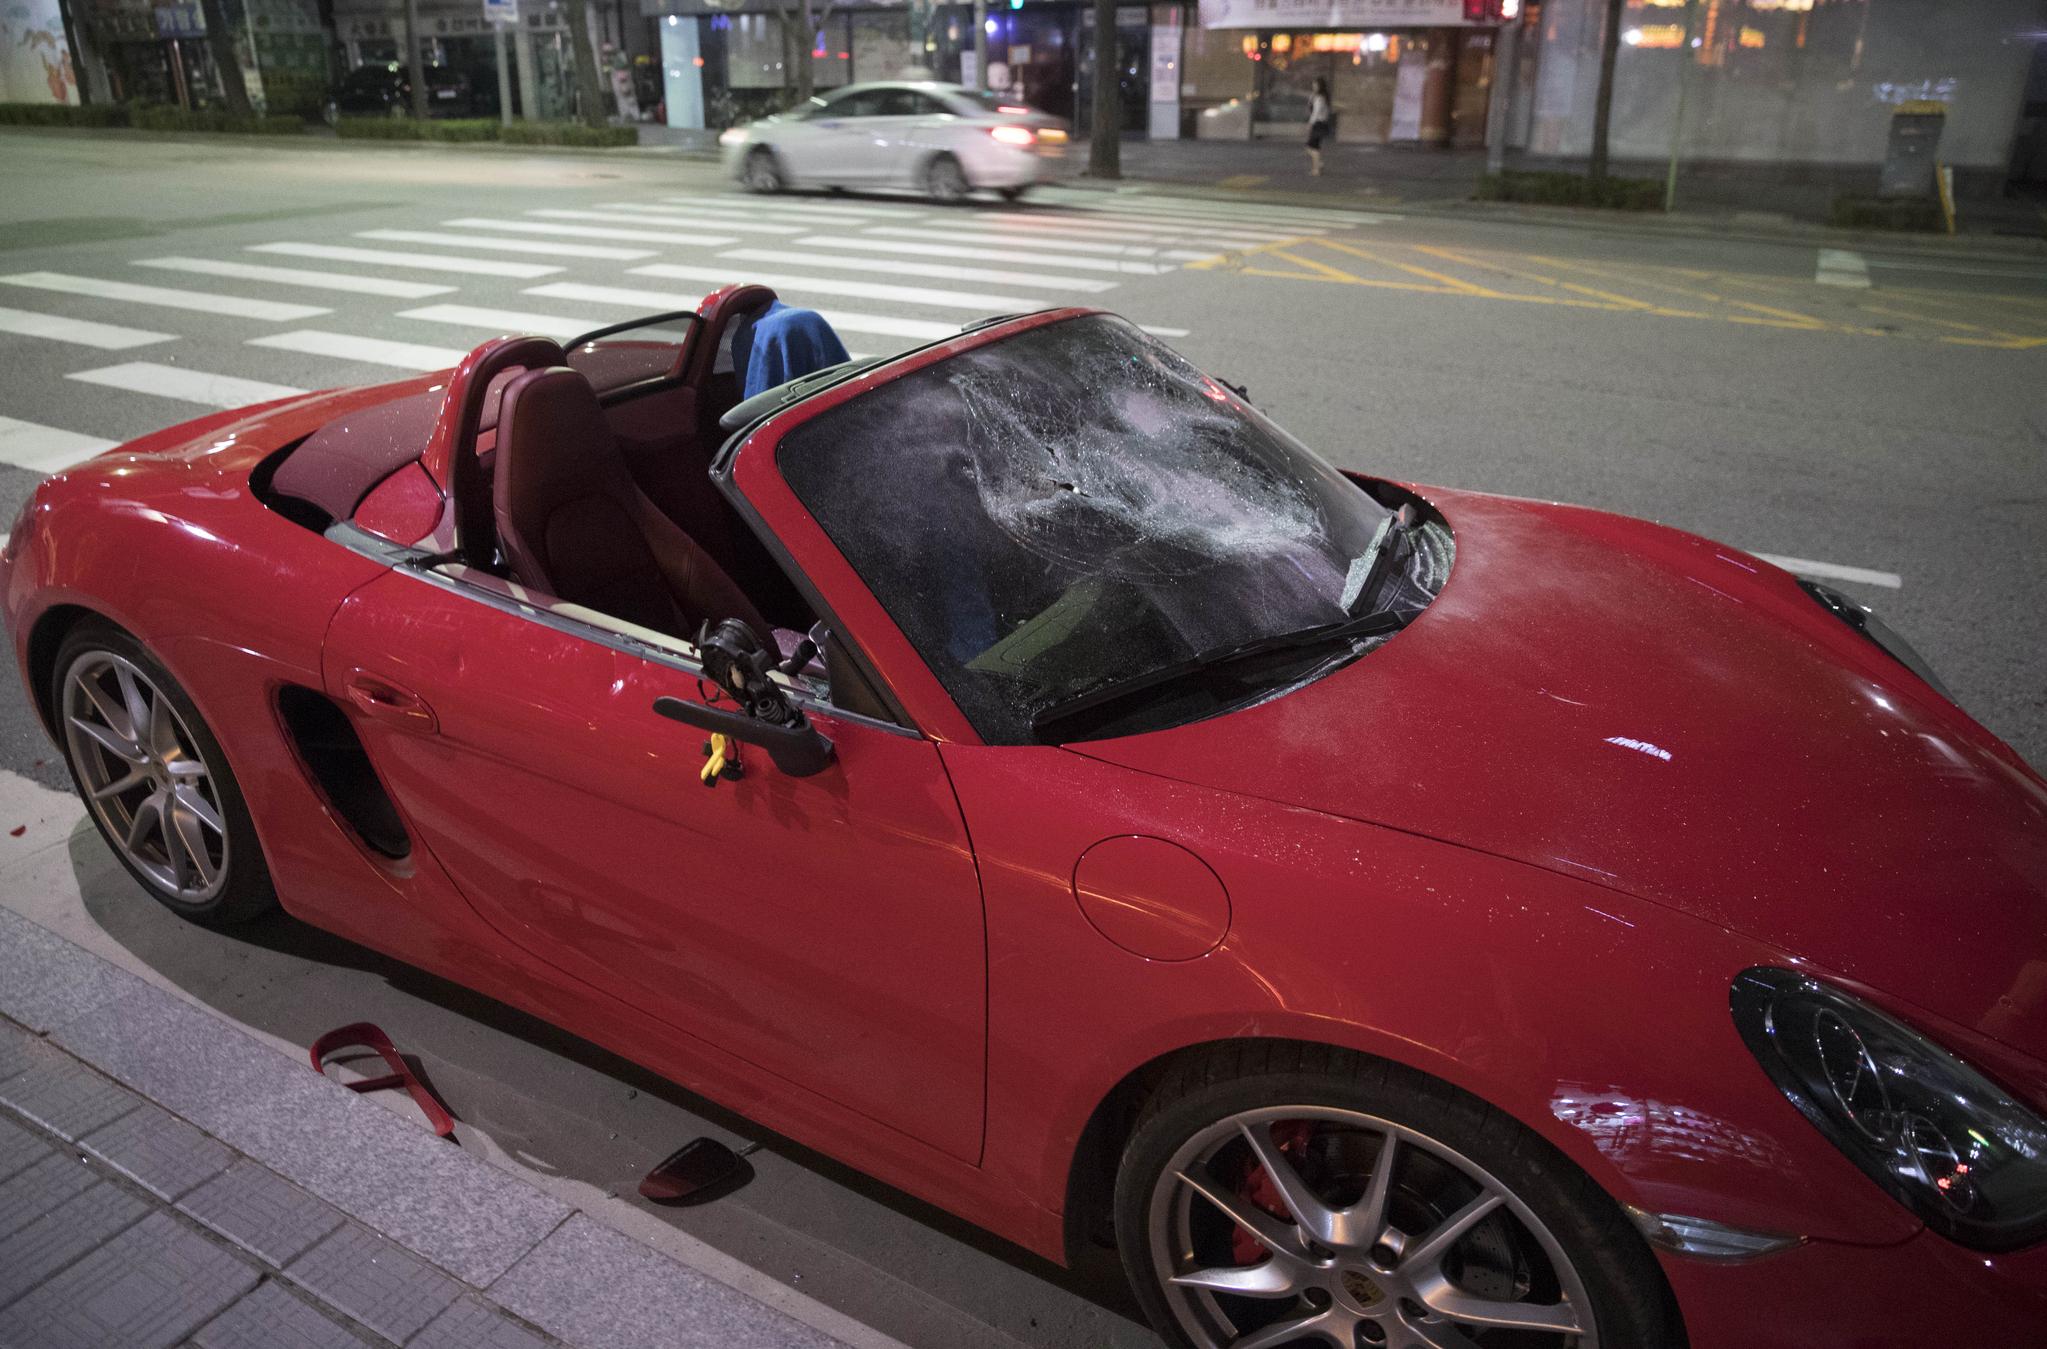 5일 오후 서울 조계사에서 한 남성이 술에 취한 채 자신의 고급 외제차를 골프채로 부수는 소동을 벌이다가 경찰에 제지됐다. 사진은 파손된 상태로 조계사 앞에 주차돼 있는 차량의 모습. [연합뉴스]